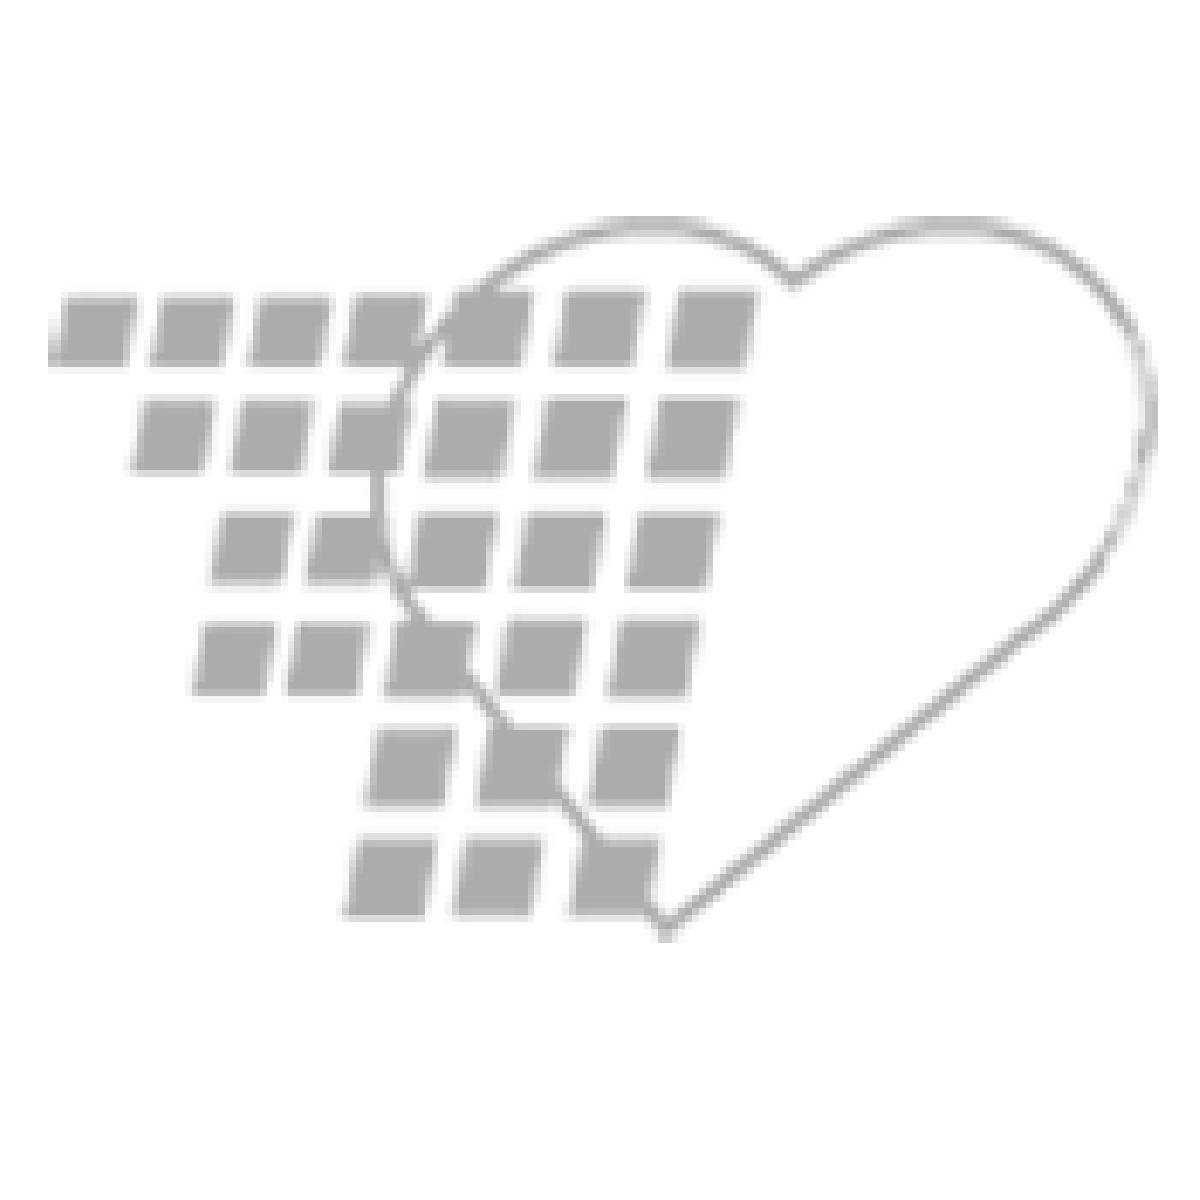 06-93-6917 Demo Dose® Intropn DOPamin HCI 40mg/mL 10mL